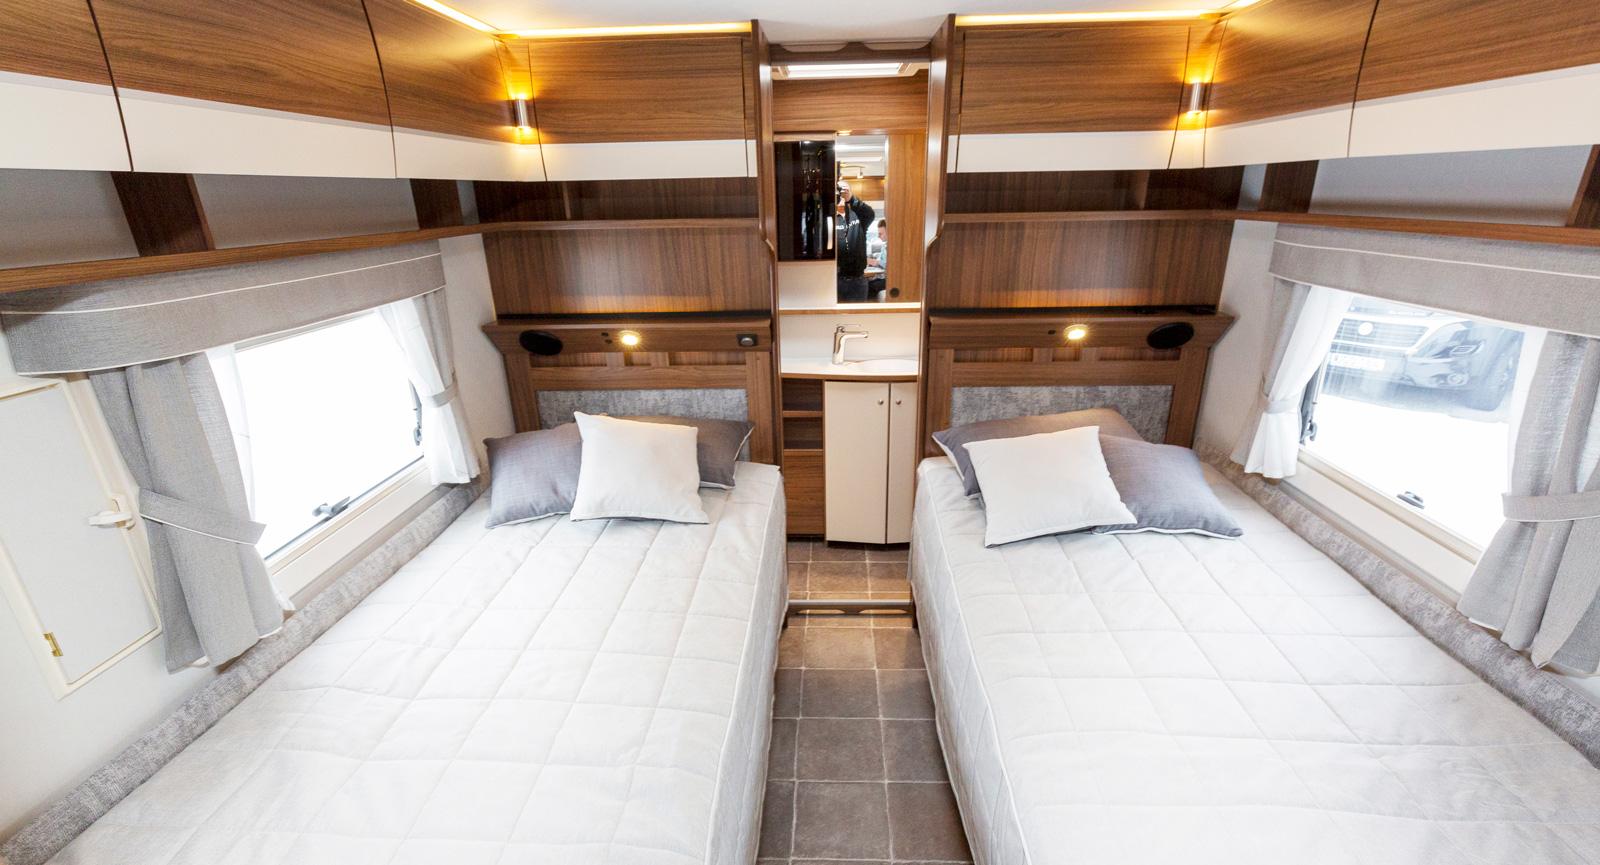 Separata och låga sängar är populärt bland många campare.